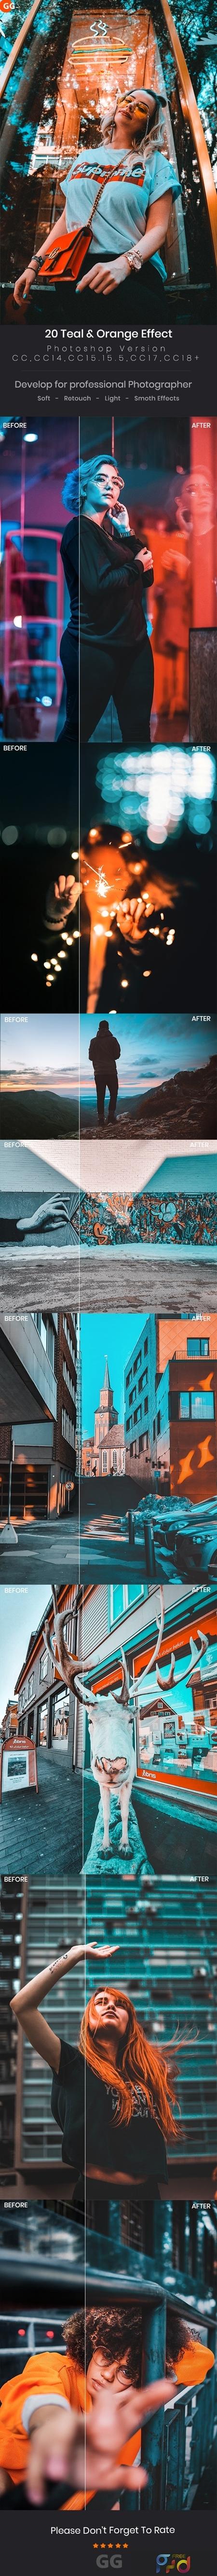 20 Teal & Orange Effect 23896458 1